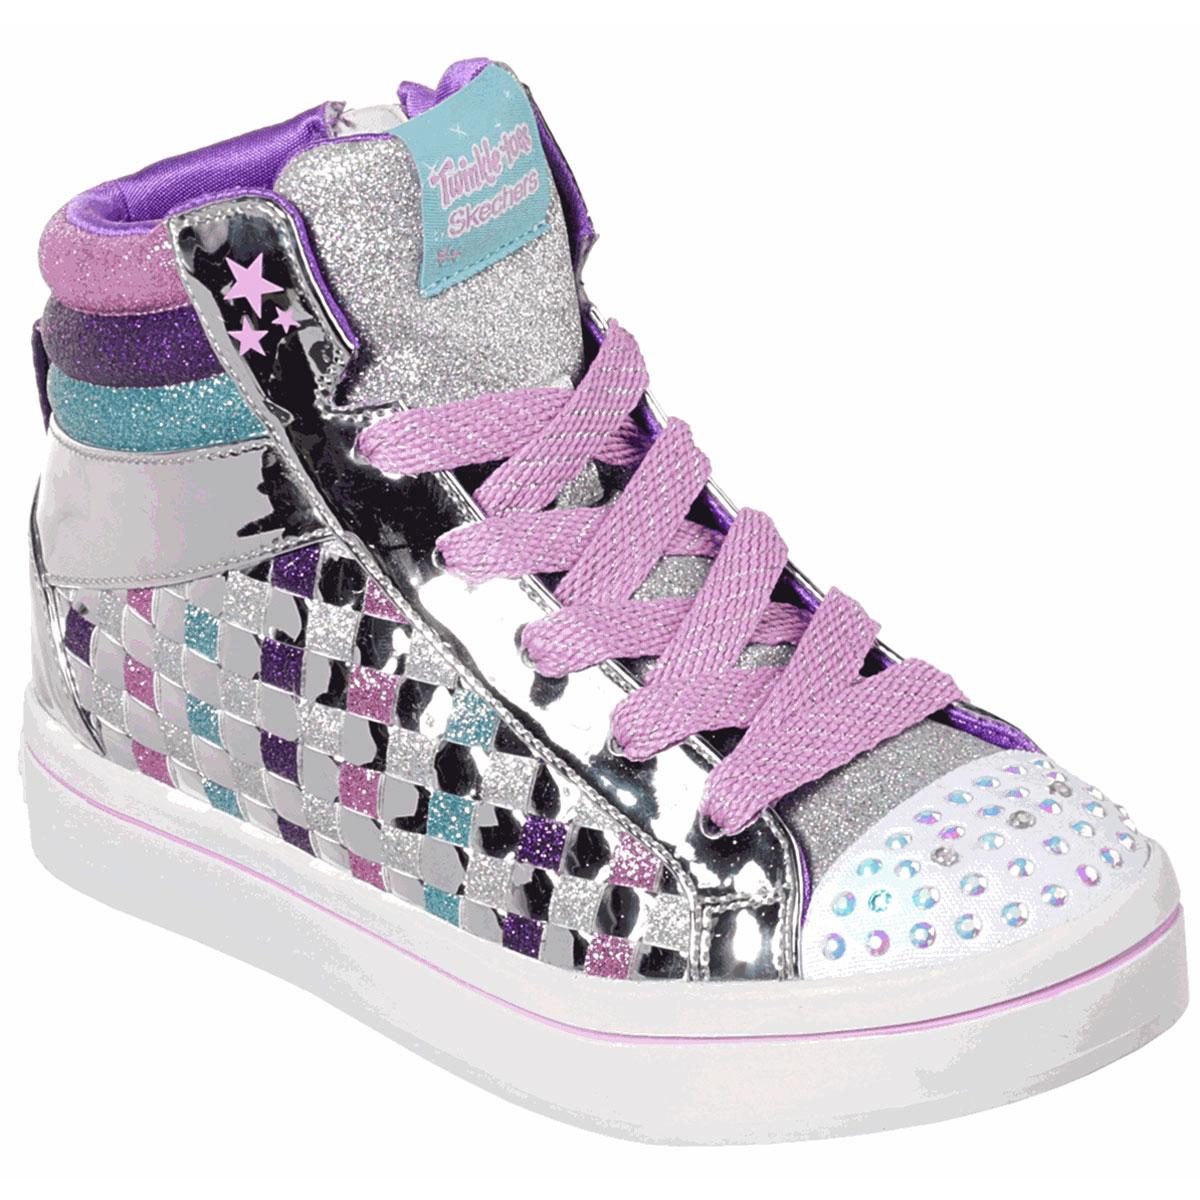 Skechers Little Girls' Twinkle Toes Twi-Lites Sparkle Status Hi Top Sneakers - Black, 2